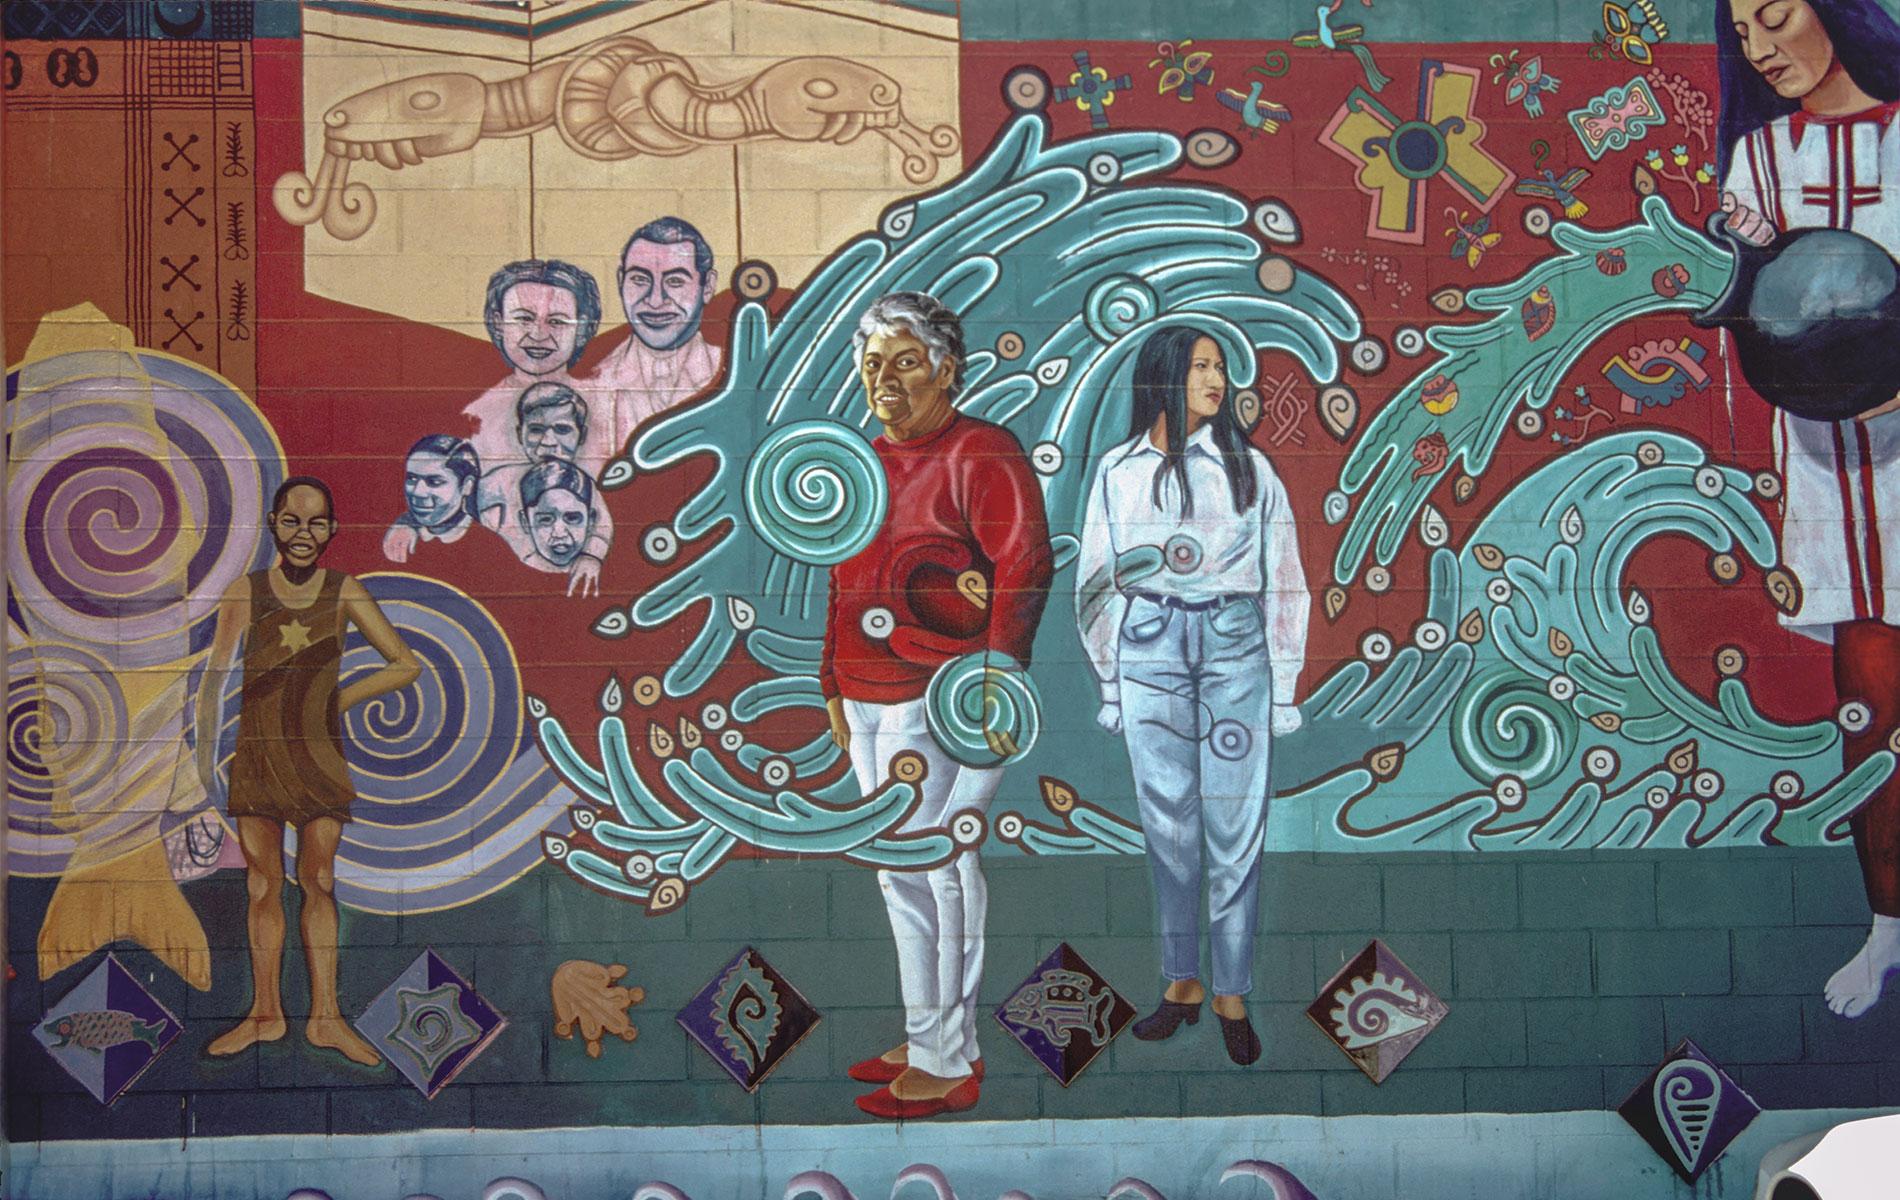 <h1><em>Mural detail, La Historia de Adentro/La Historia de Afuera</em>, c. 1995</h1>